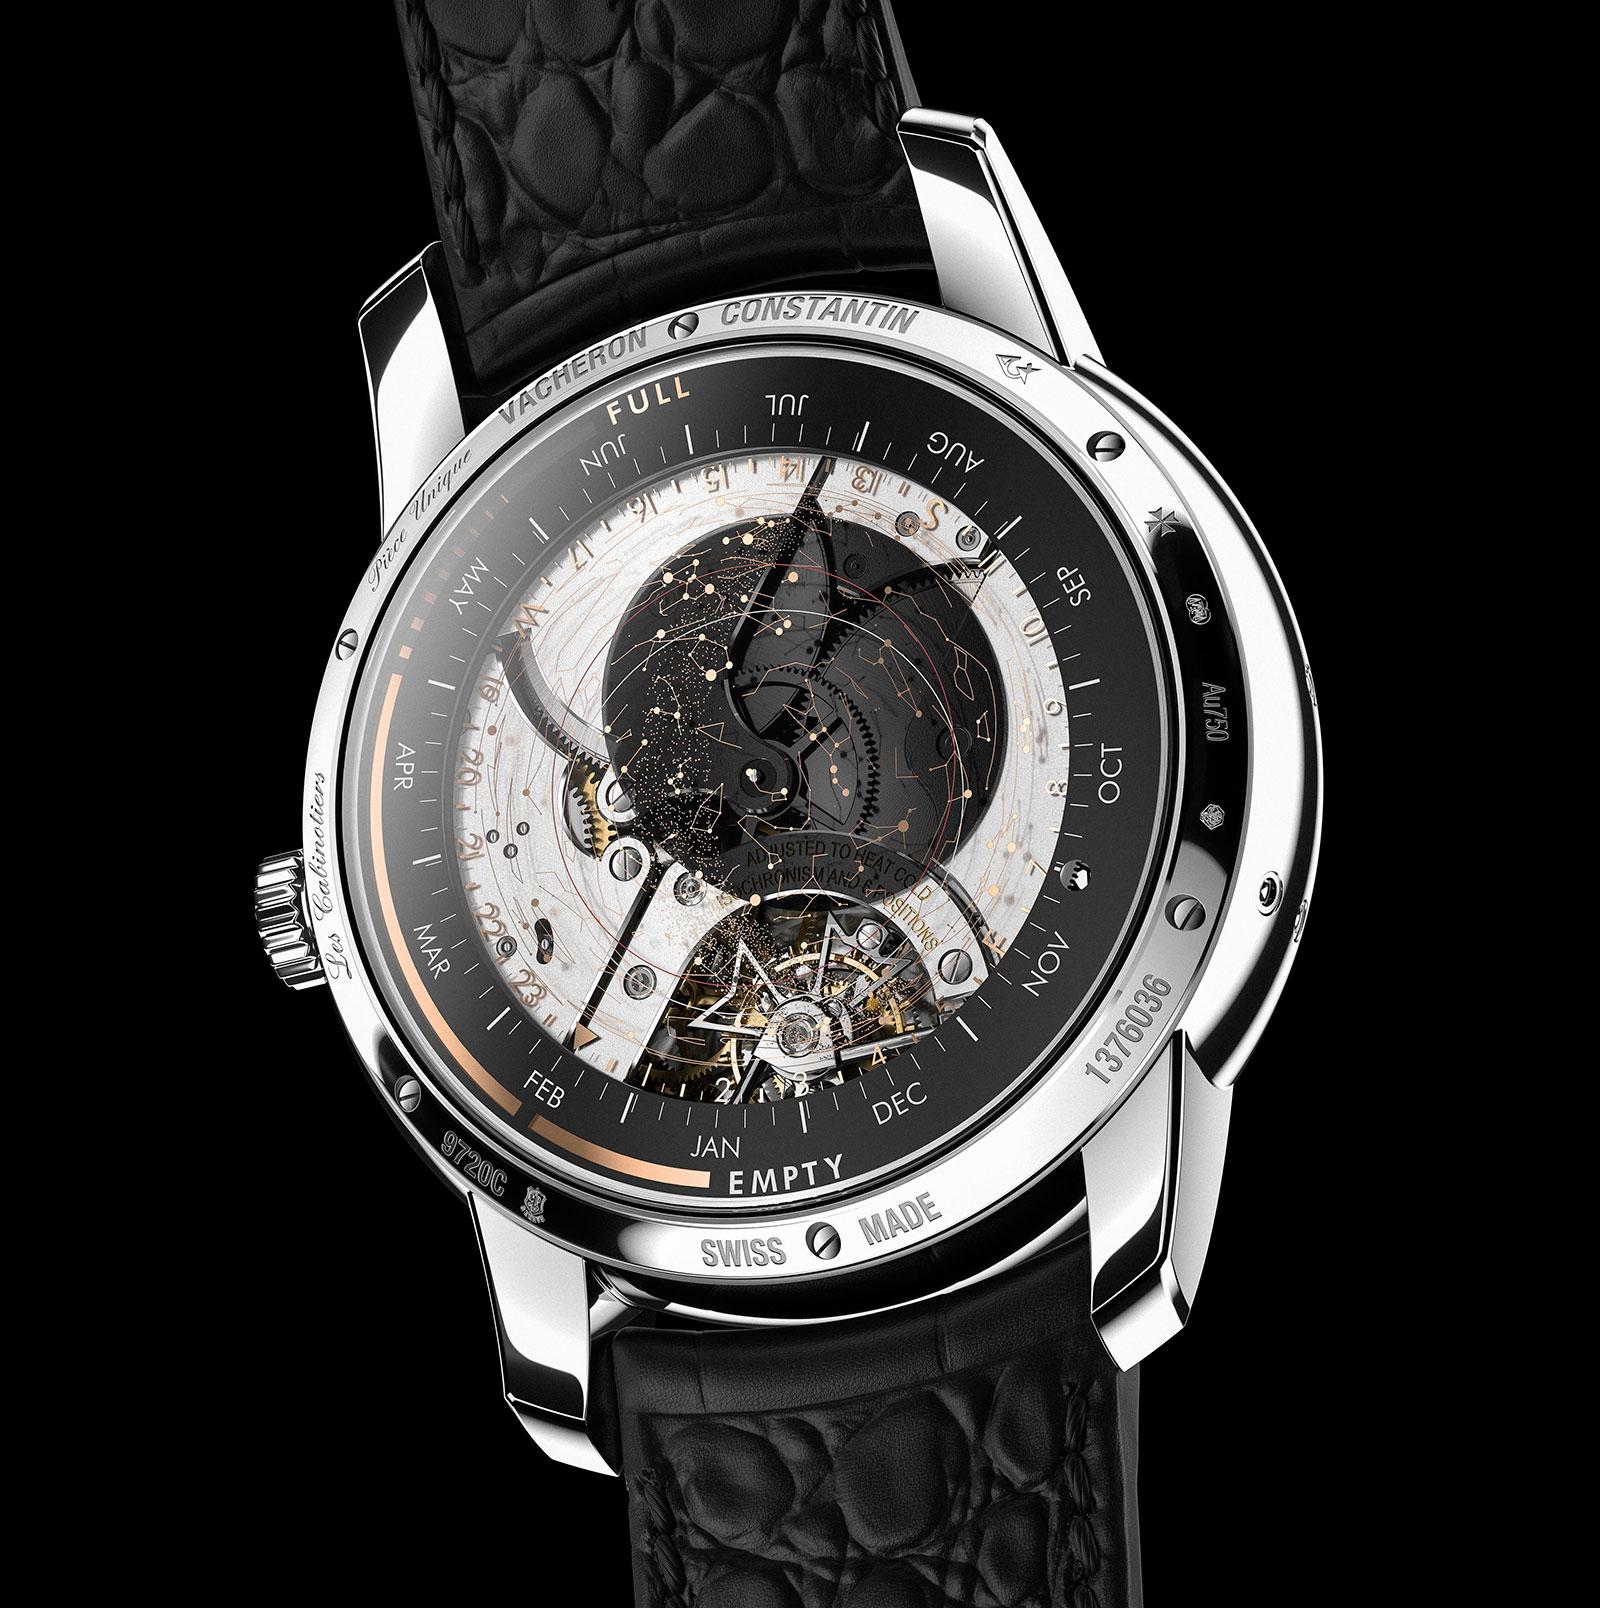 Vacheron-Constantin-Celestia-Astronomical-Grand-Complication-3600-1.jpg